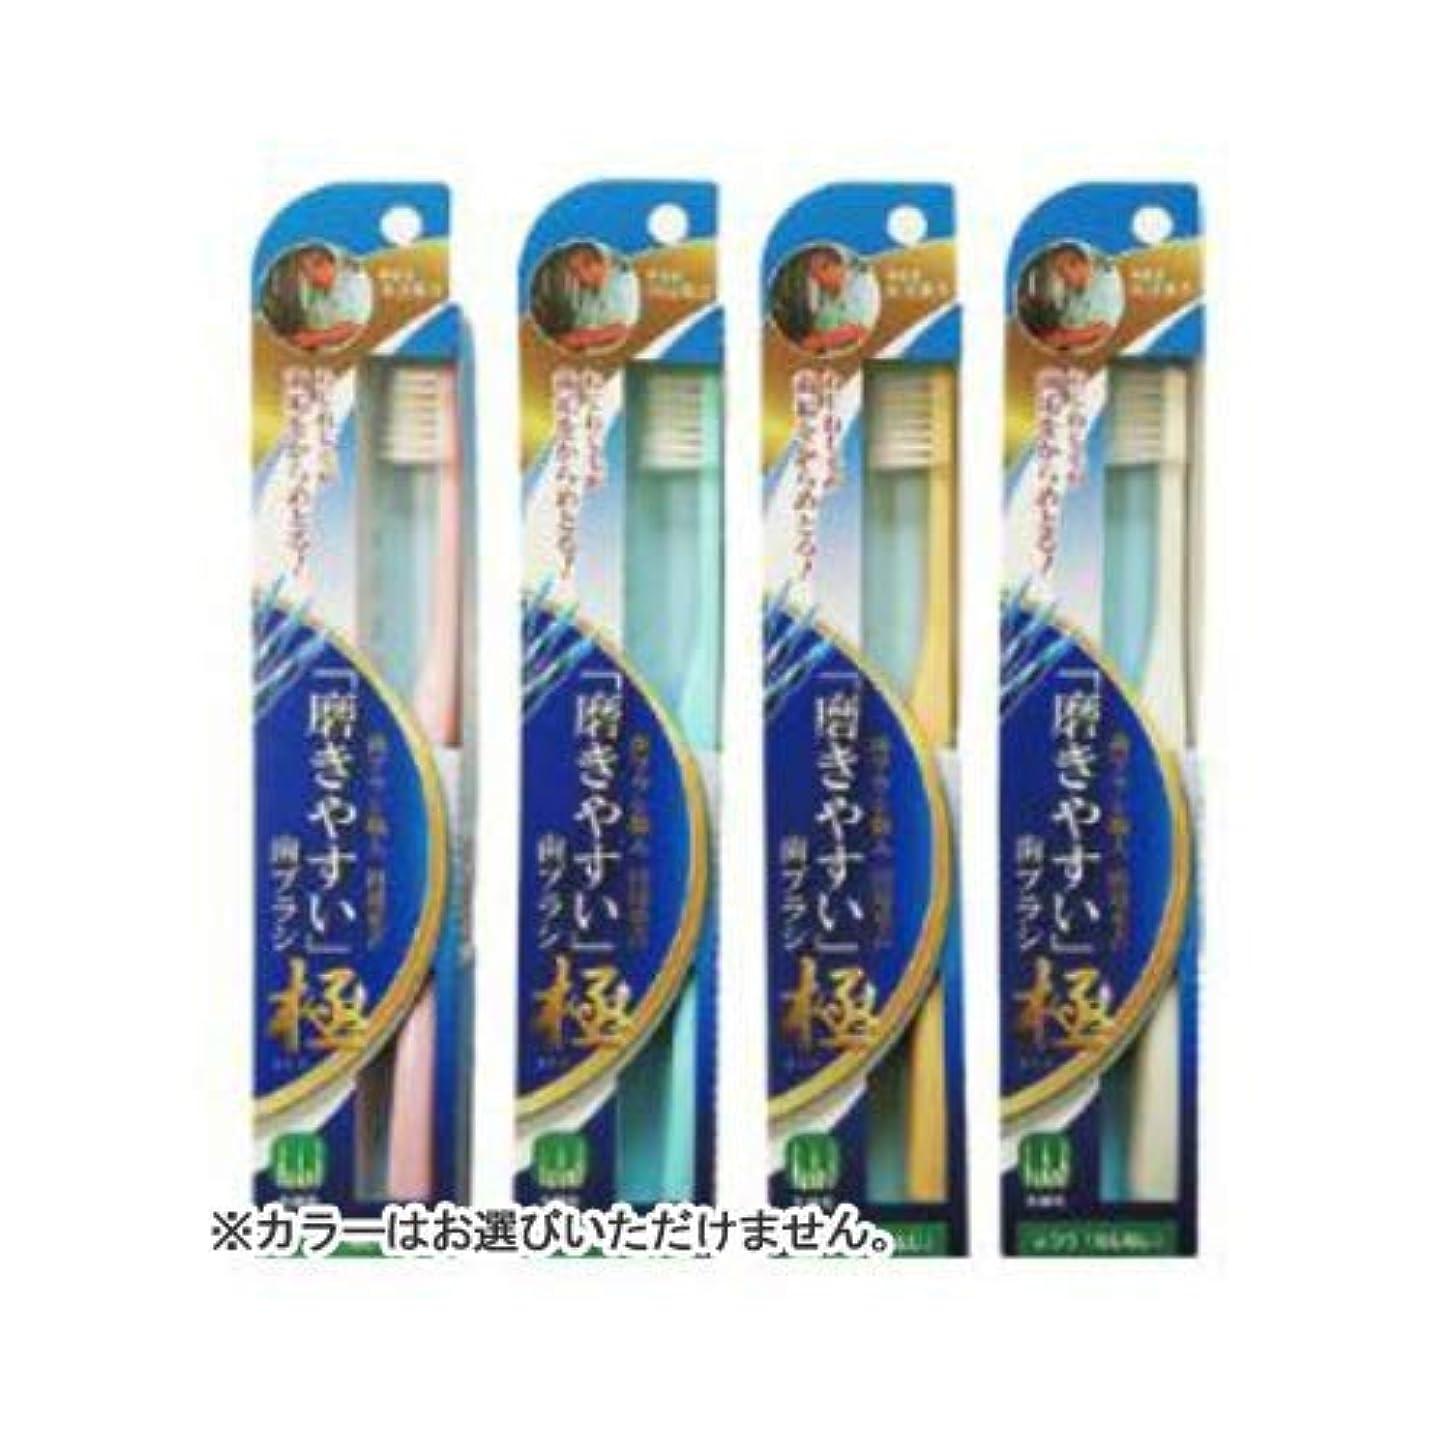 安全不調和自然公園LT-45磨きやすい歯ブラシ極 ねじねじ × 480個セット